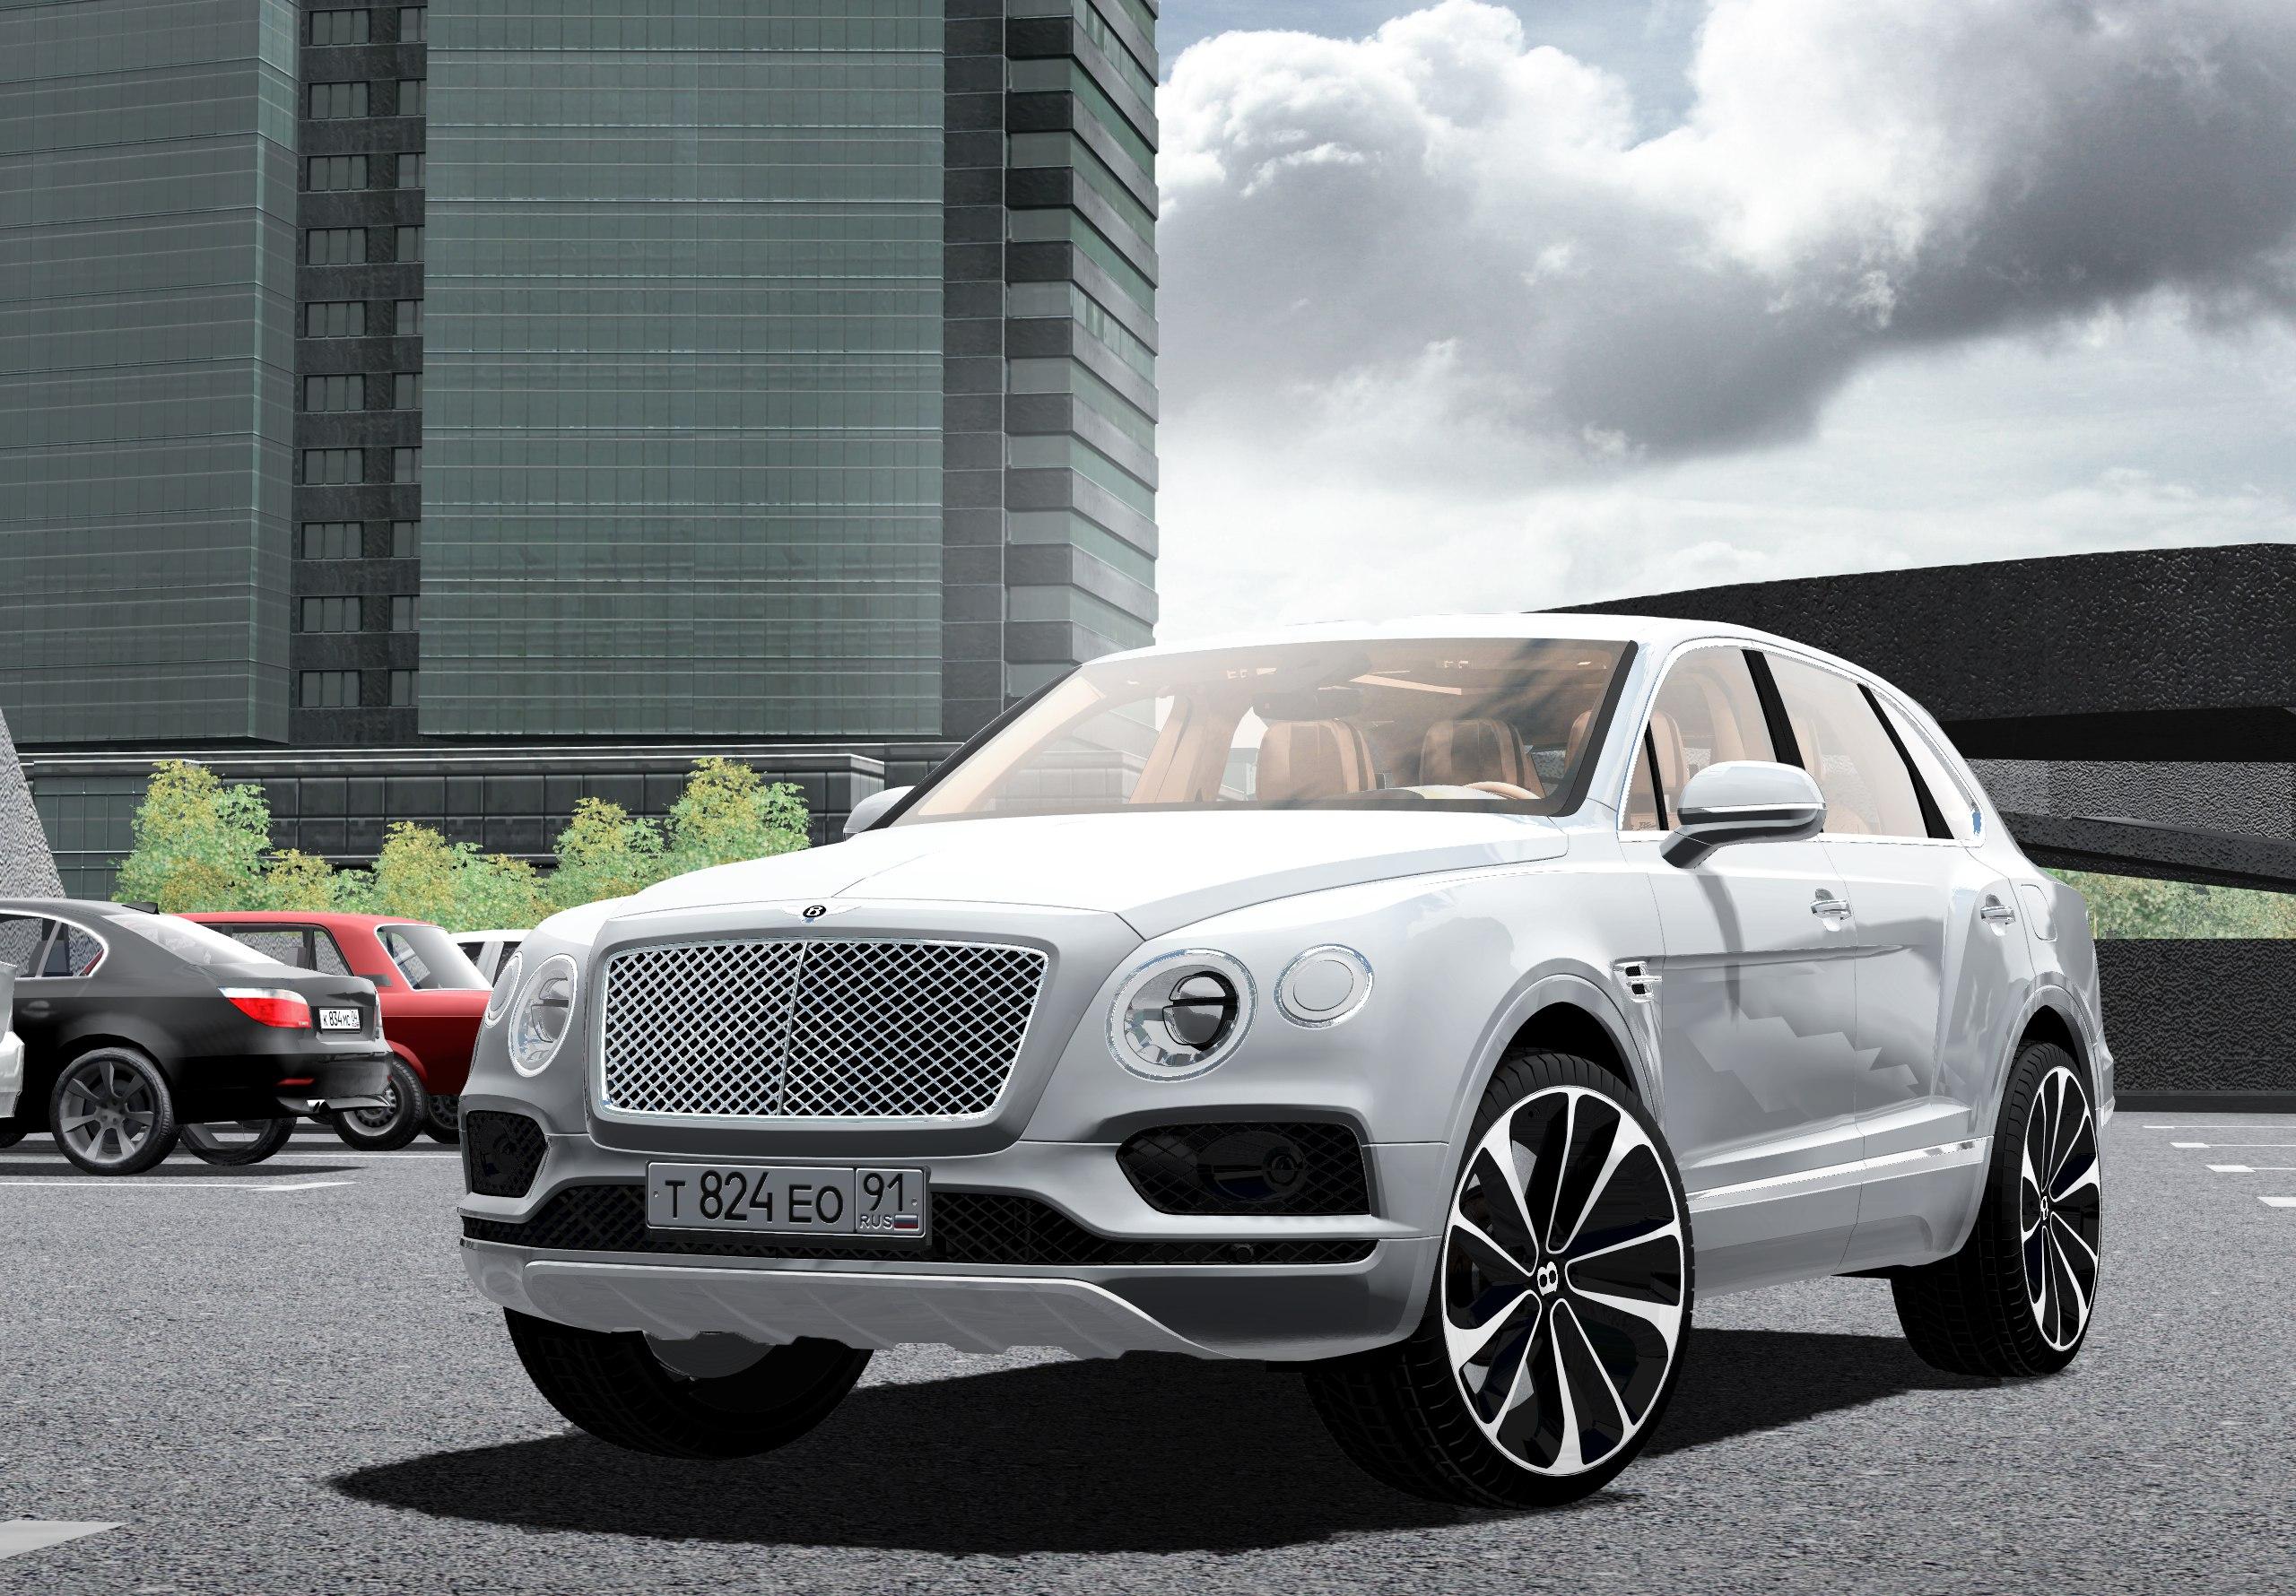 City Car Driving :: Topic: 2016 Bentley Bentayga - 1.5.3 (1/3) Bentley Bentayga Youtube on bentley truck, bentley watch, bentley arnage, bentley sport, bentley cars 2013, bentley zagato, bentley state limousine, bentley car models, bentley icon, bentley wagon, bentley coop, bentley 2013 models, bentley hearse, bentley brooklands, bentley racing cars, bentley symbol, bentley automobiles, bentley concept, bentley falcon, bentley maybach,